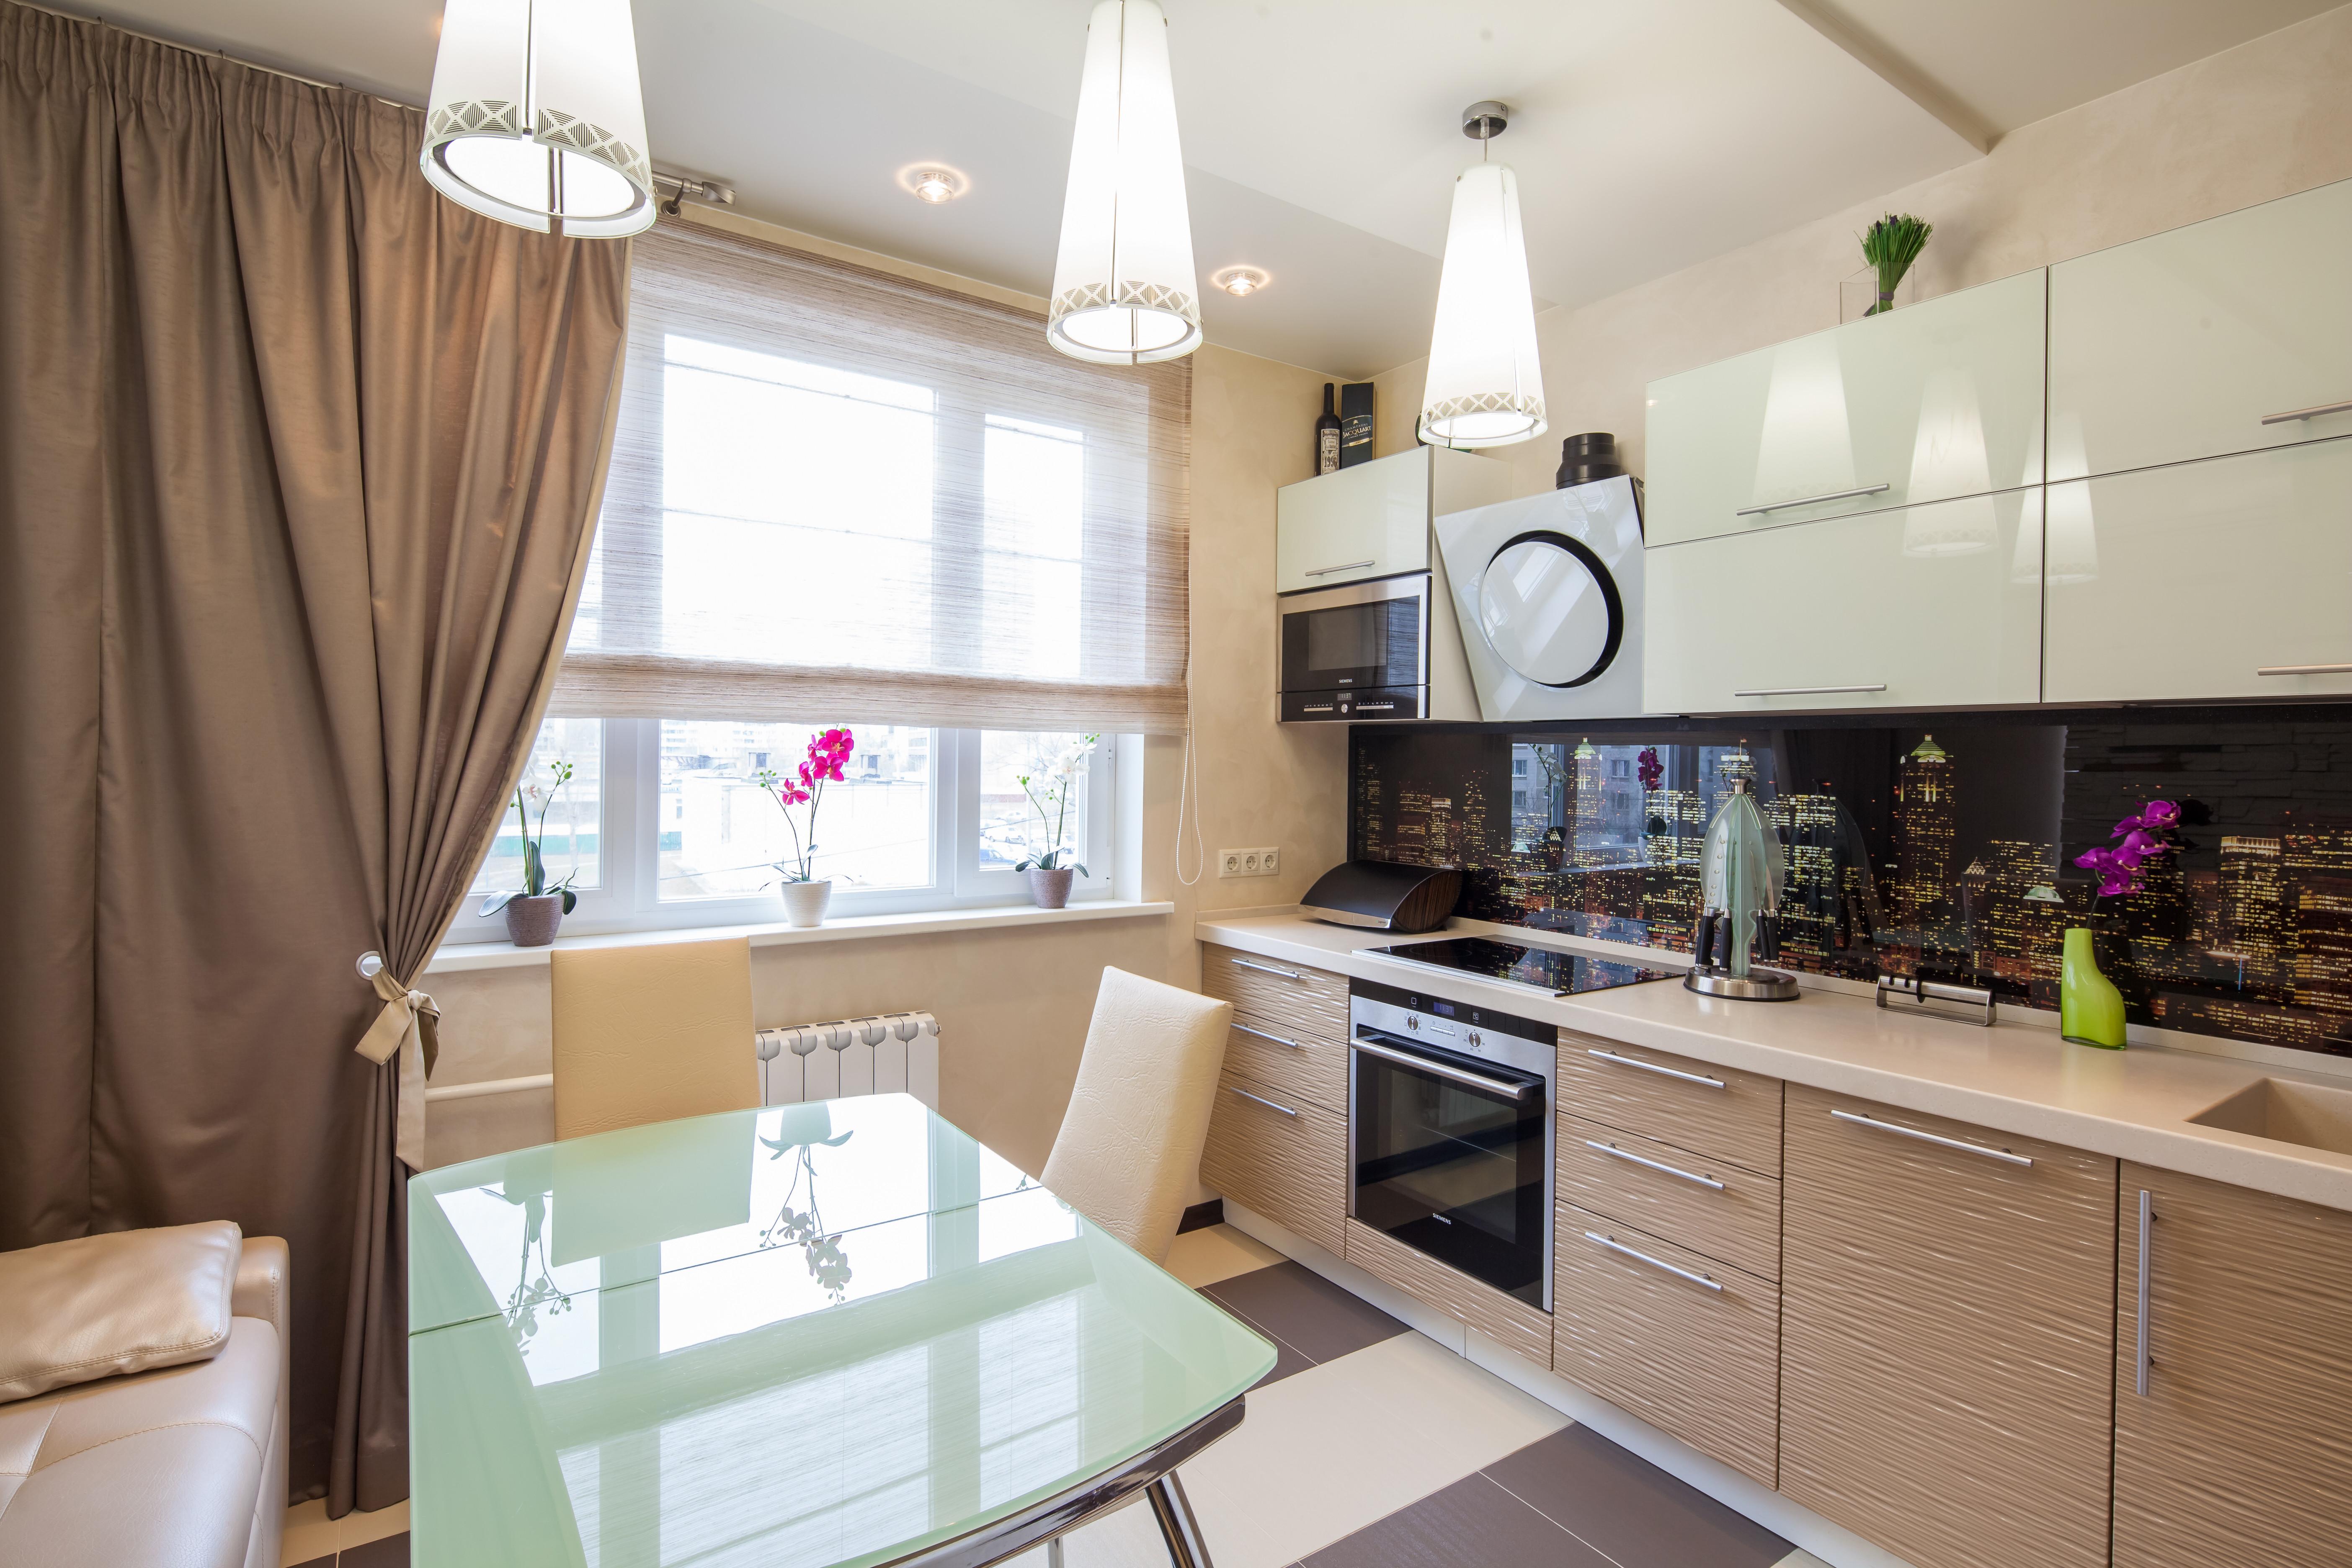 Дизайн кухни 10 кв м - выбор удобной планировки и обустройст.